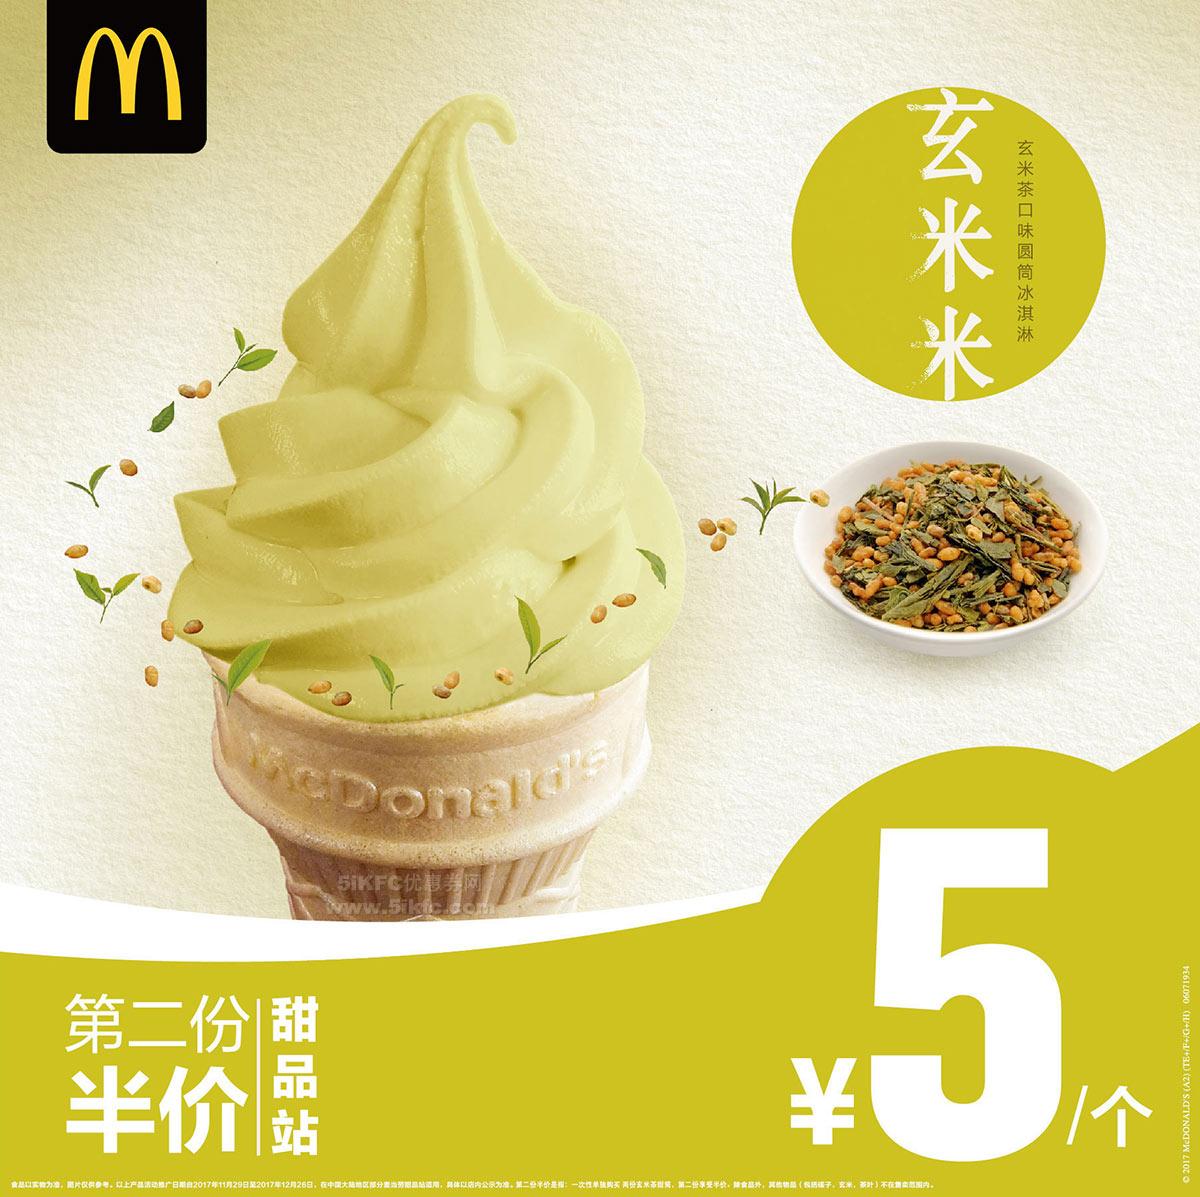 麦当劳玄米茶甜筒5元,甜品站第二个半价